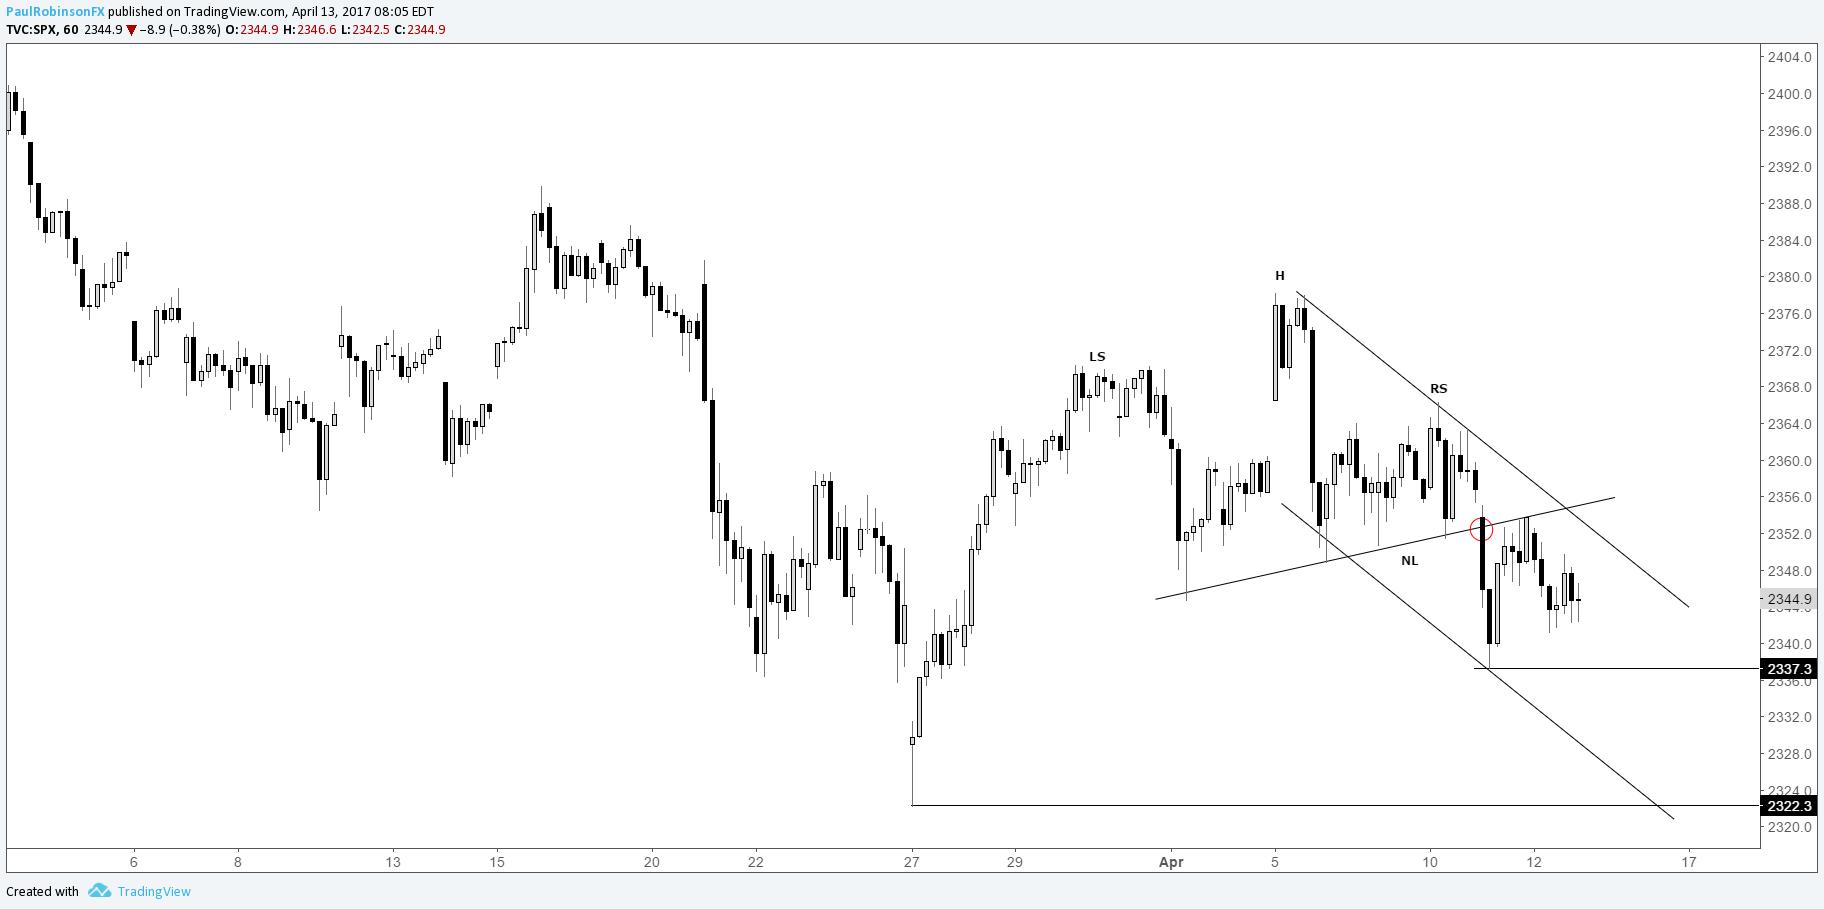 S&P 500, Nasdaq 100 & Dow Short-term Charts in Focus